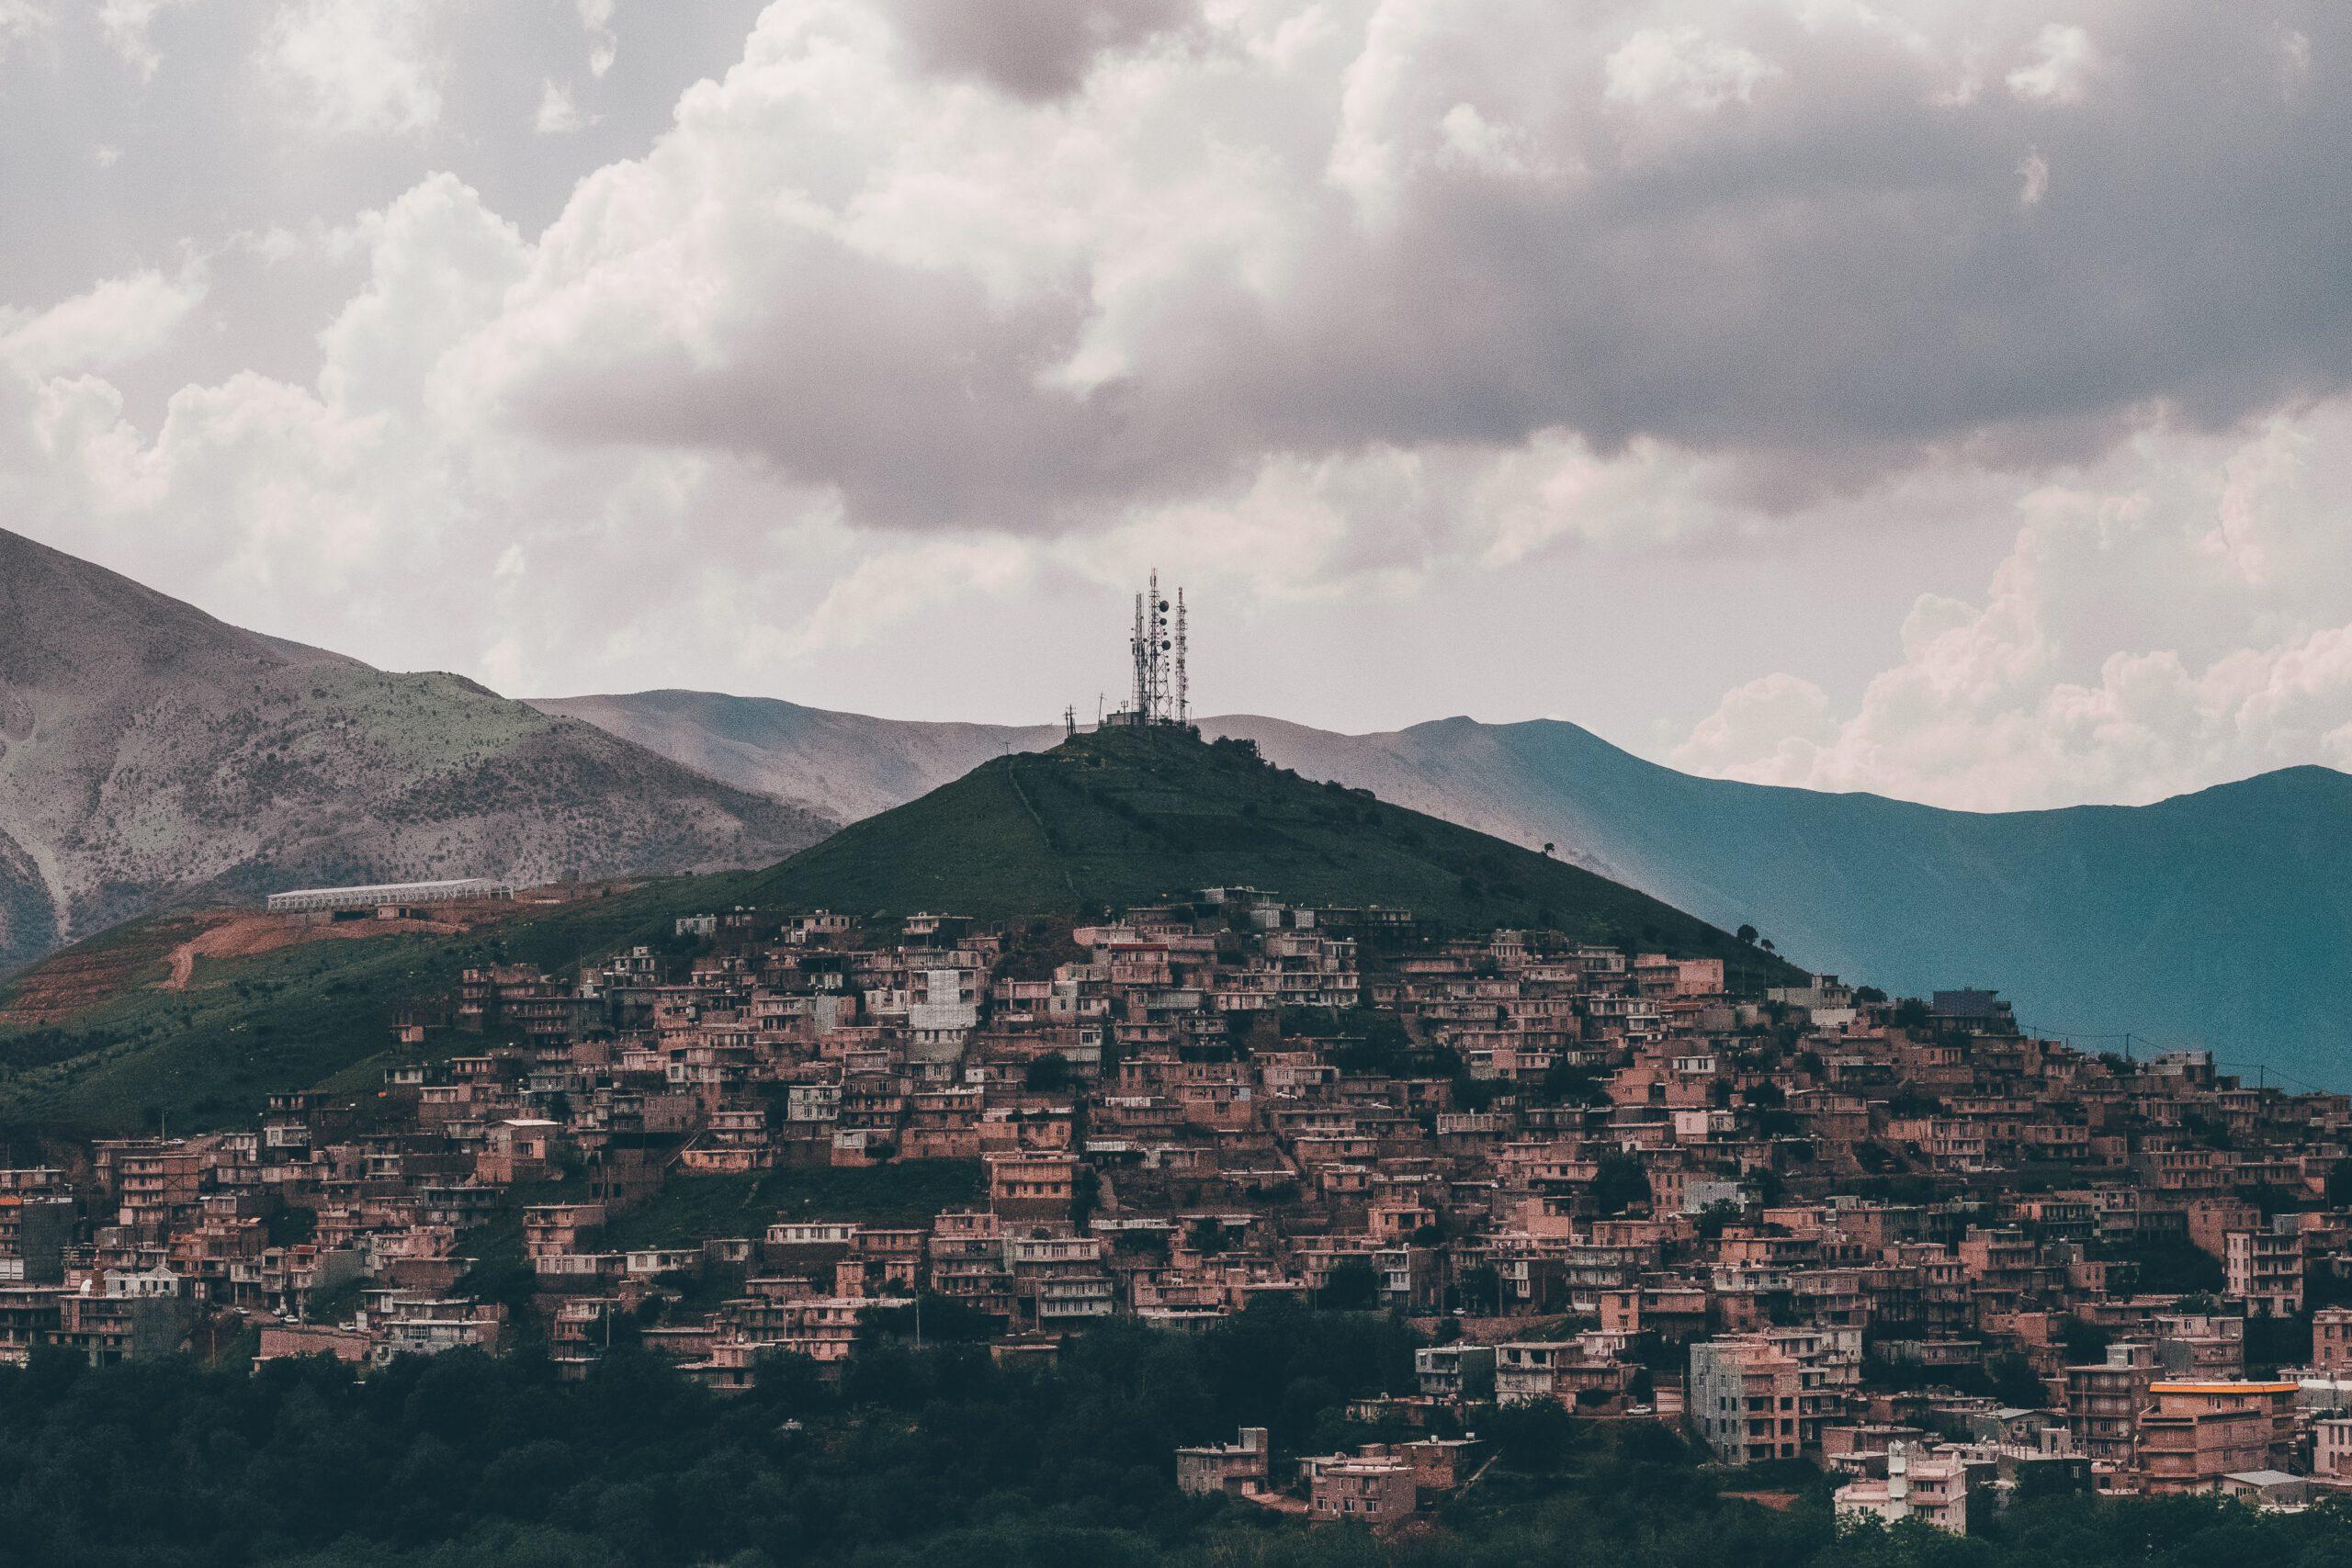 Dorf auf Hügel